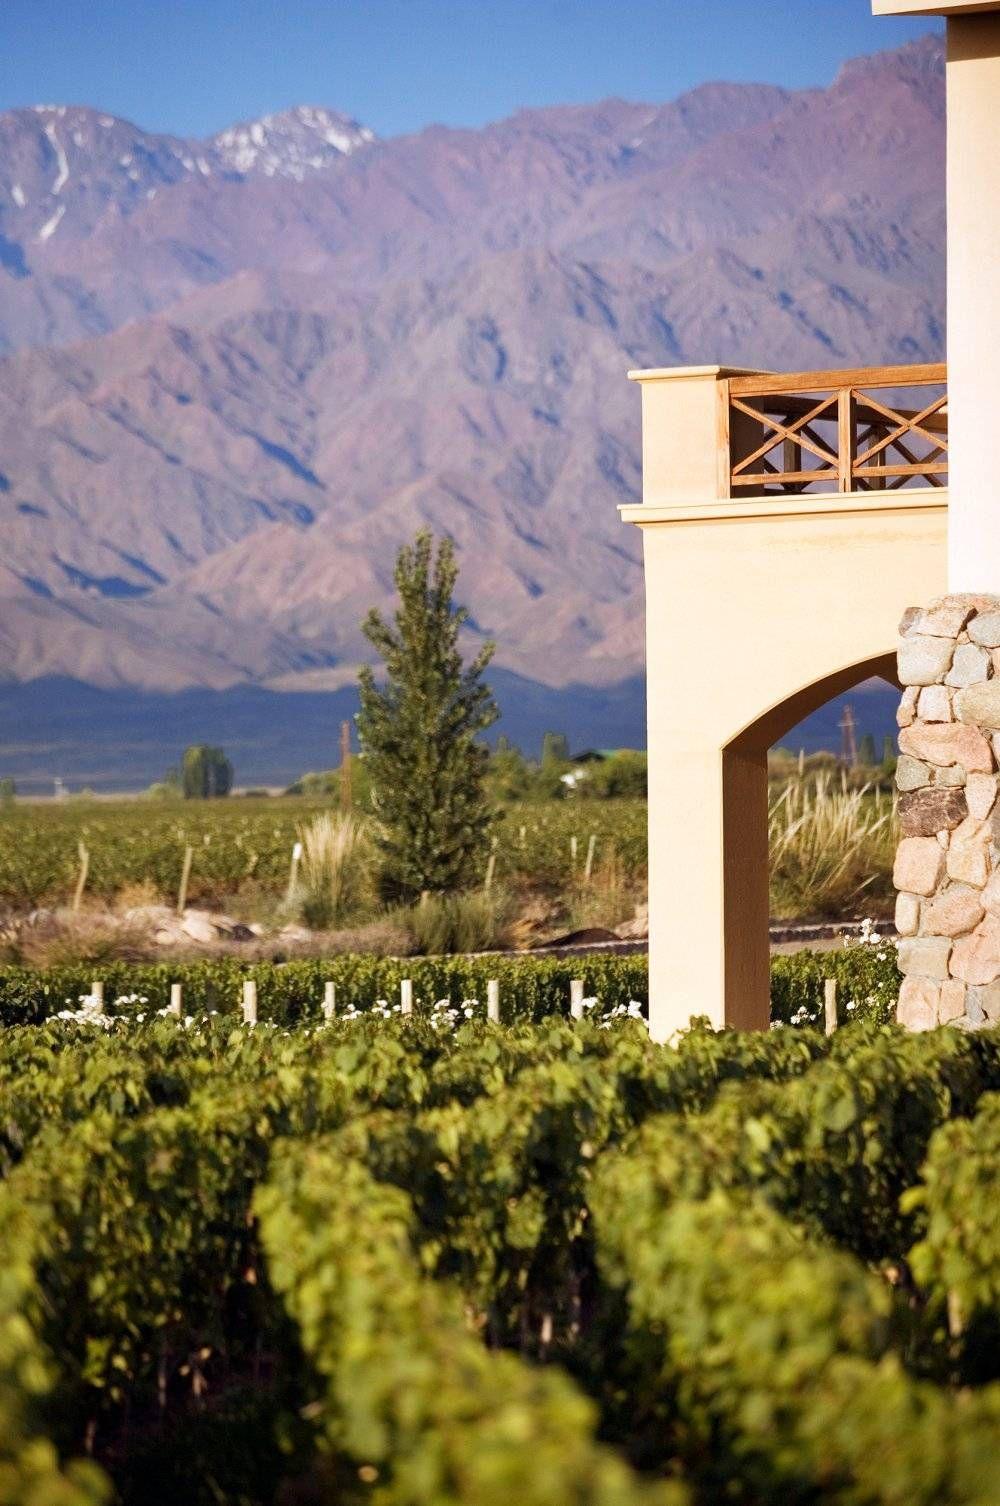 Argentina Mendoza La Capital Del Vino Y Sus Bodegas A Capital Do Vinho E Suas Vinicolas Fotos De Mendoza Vacaciones En Argentina Argentina